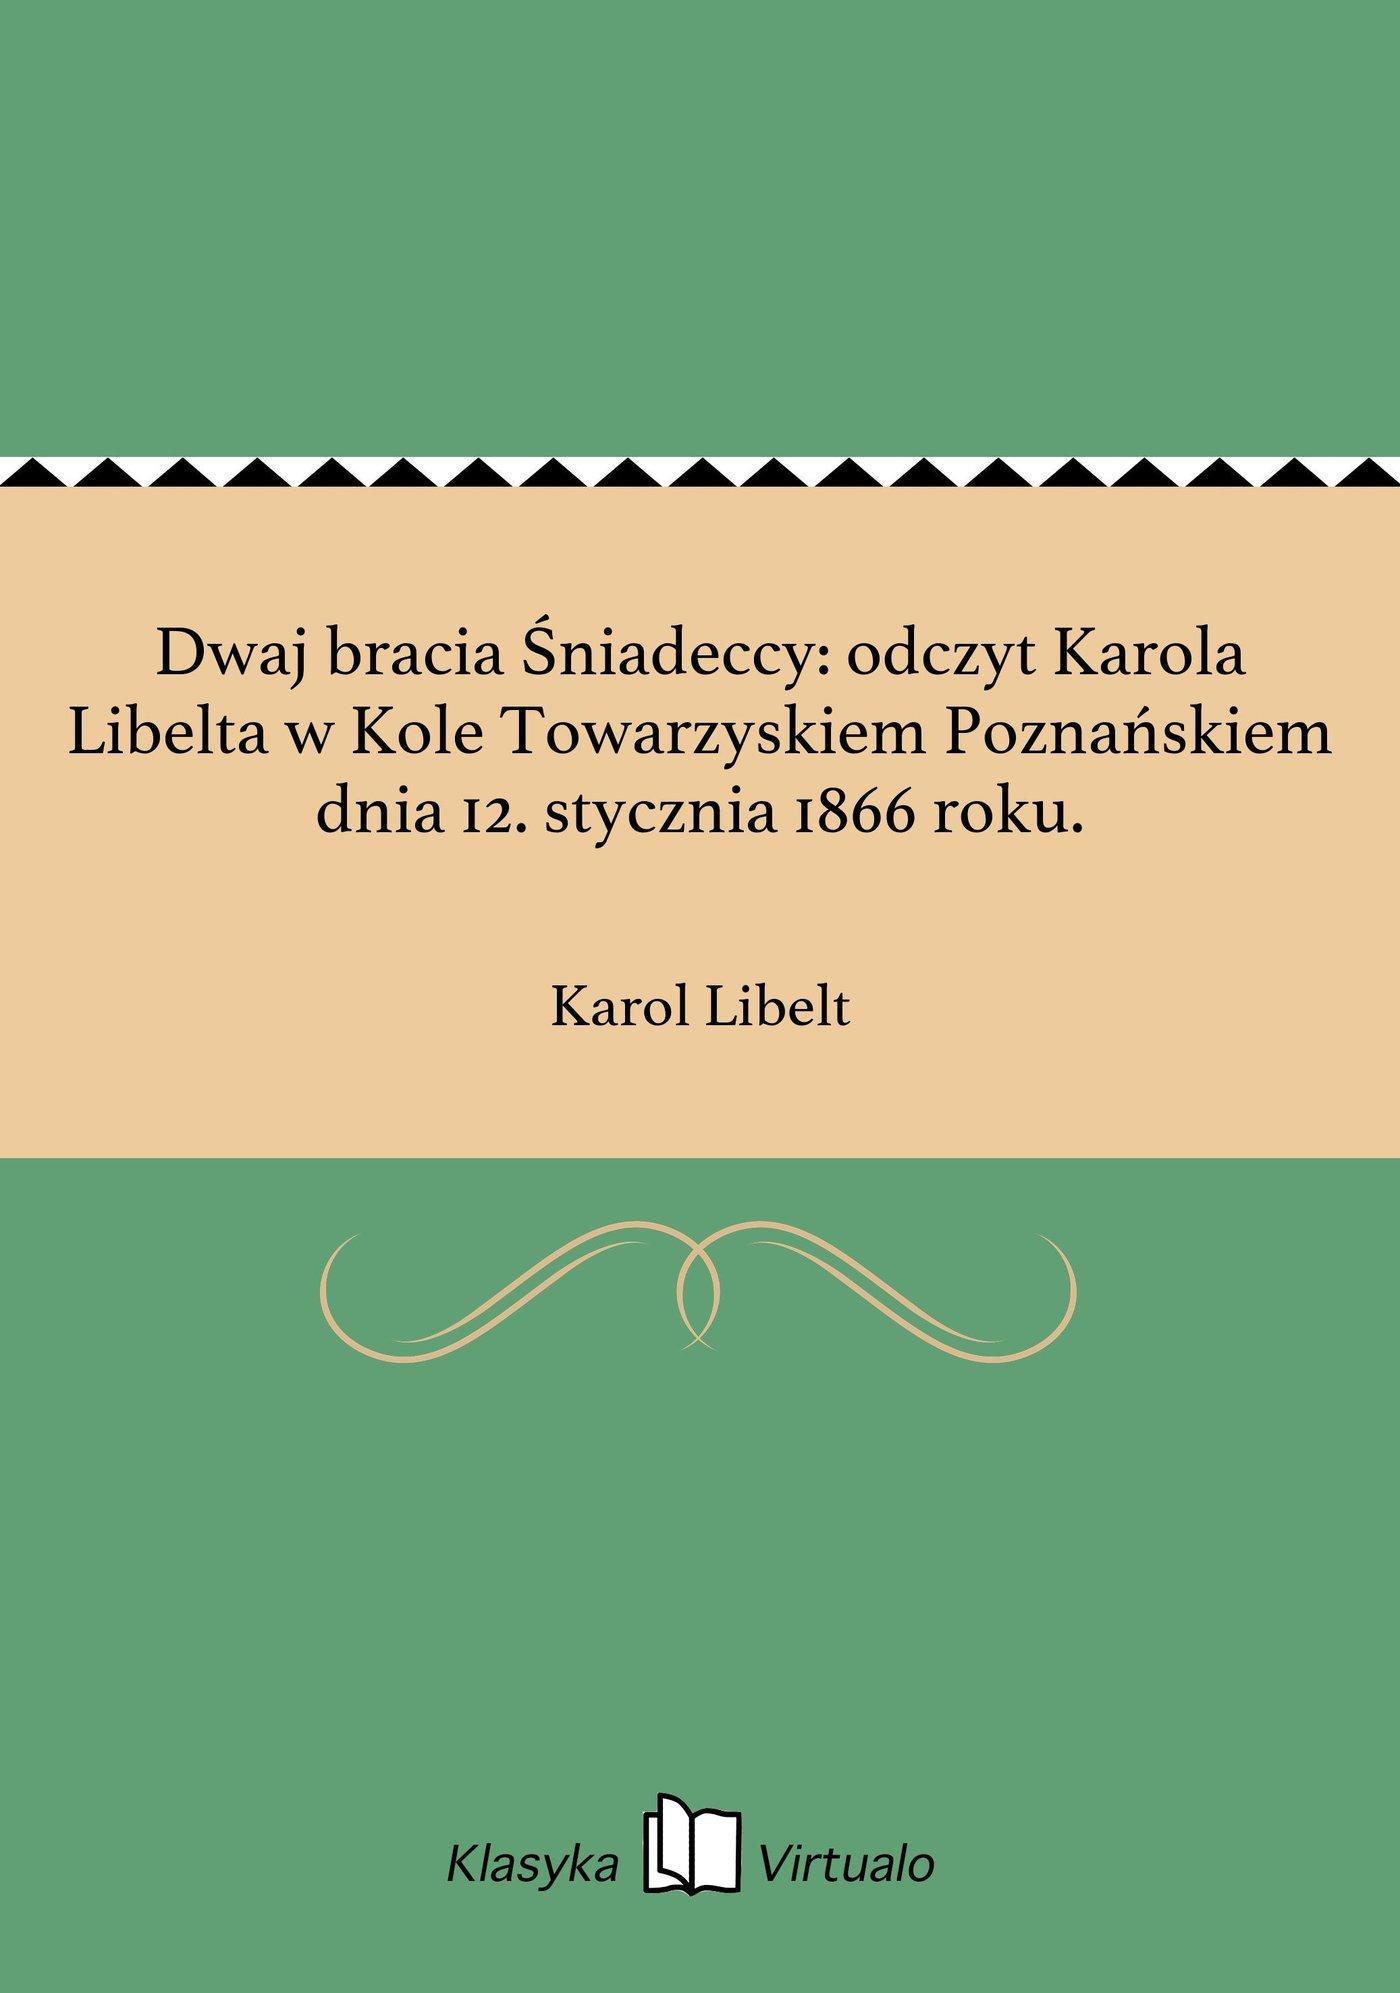 Dwaj bracia Śniadeccy: odczyt Karola Libelta w Kole Towarzyskiem Poznańskiem dnia 12. stycznia 1866 roku. - Ebook (Książka EPUB) do pobrania w formacie EPUB